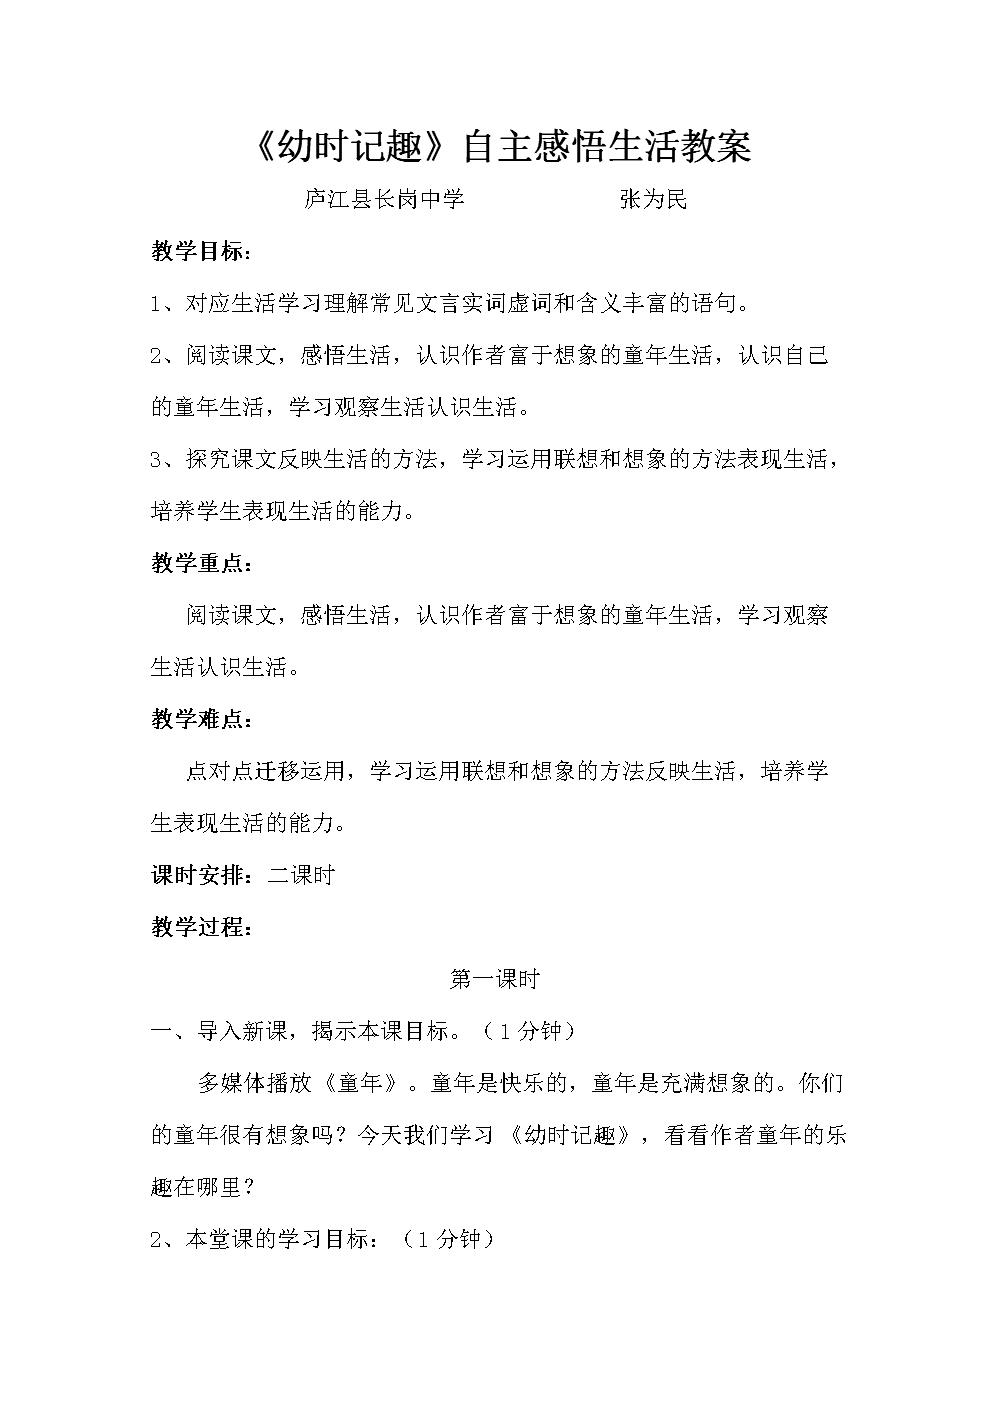 《幼时记趣》自主感悟生活教案.doc